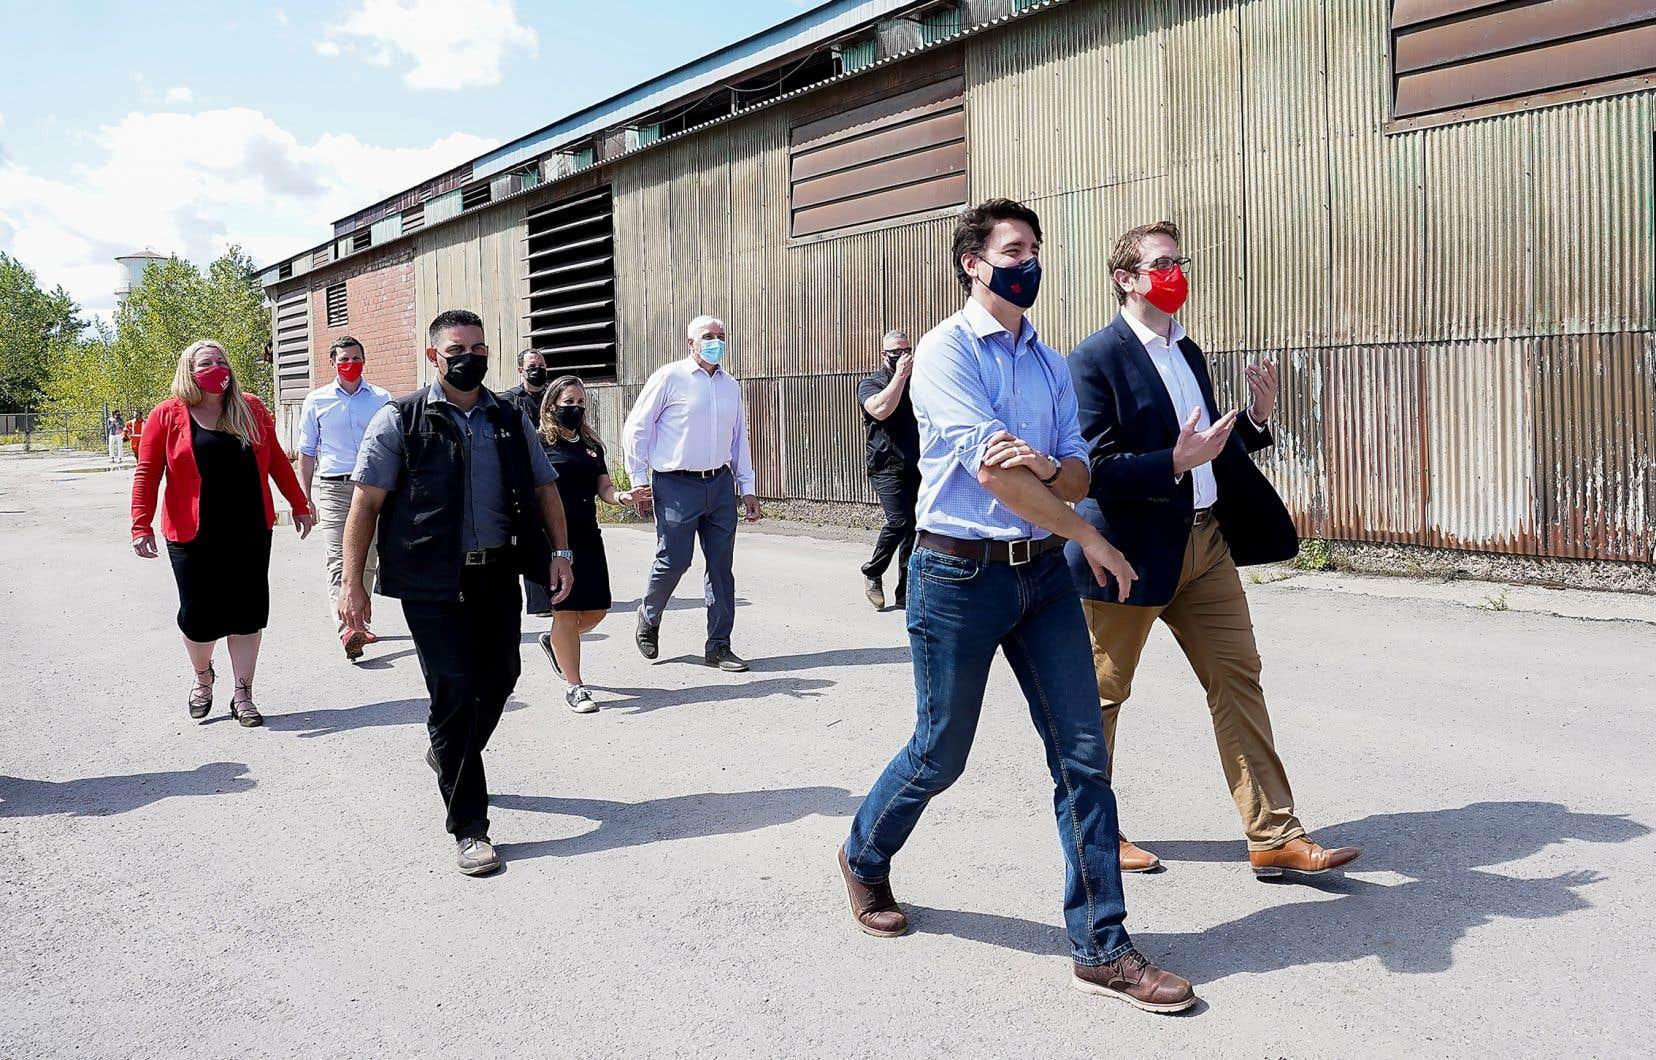 Justin Trudeau a redoublé d'attaques envers son rival conservateur, lundi, lors de son arrêt pour la fête du Travail dans une usine d'acier à Welland, Ontario.